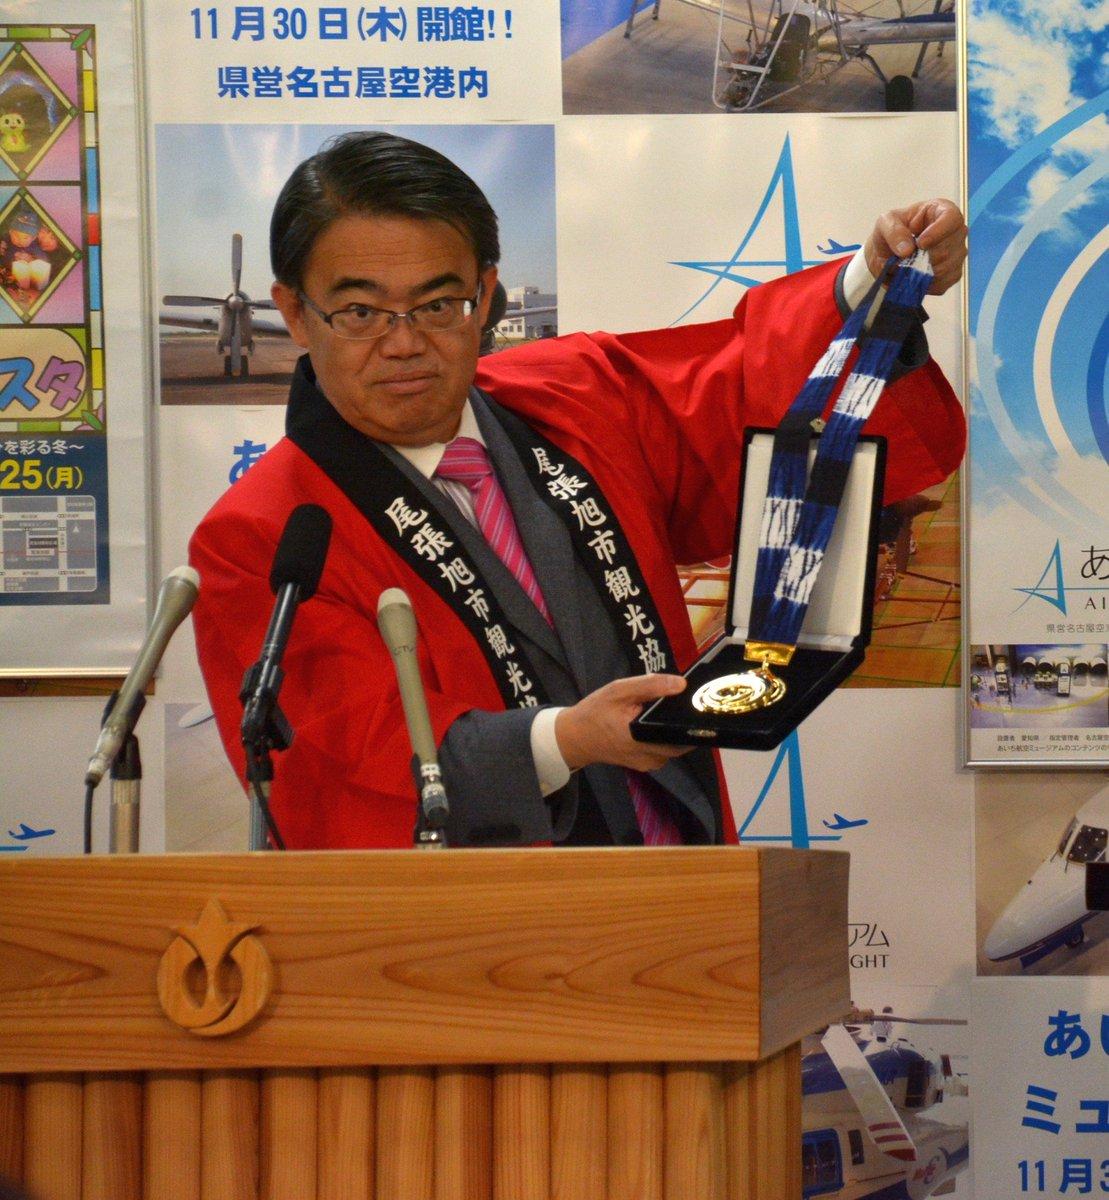 GPF名古屋で大会入賞者に贈られるメダルとブーケをお披露目。